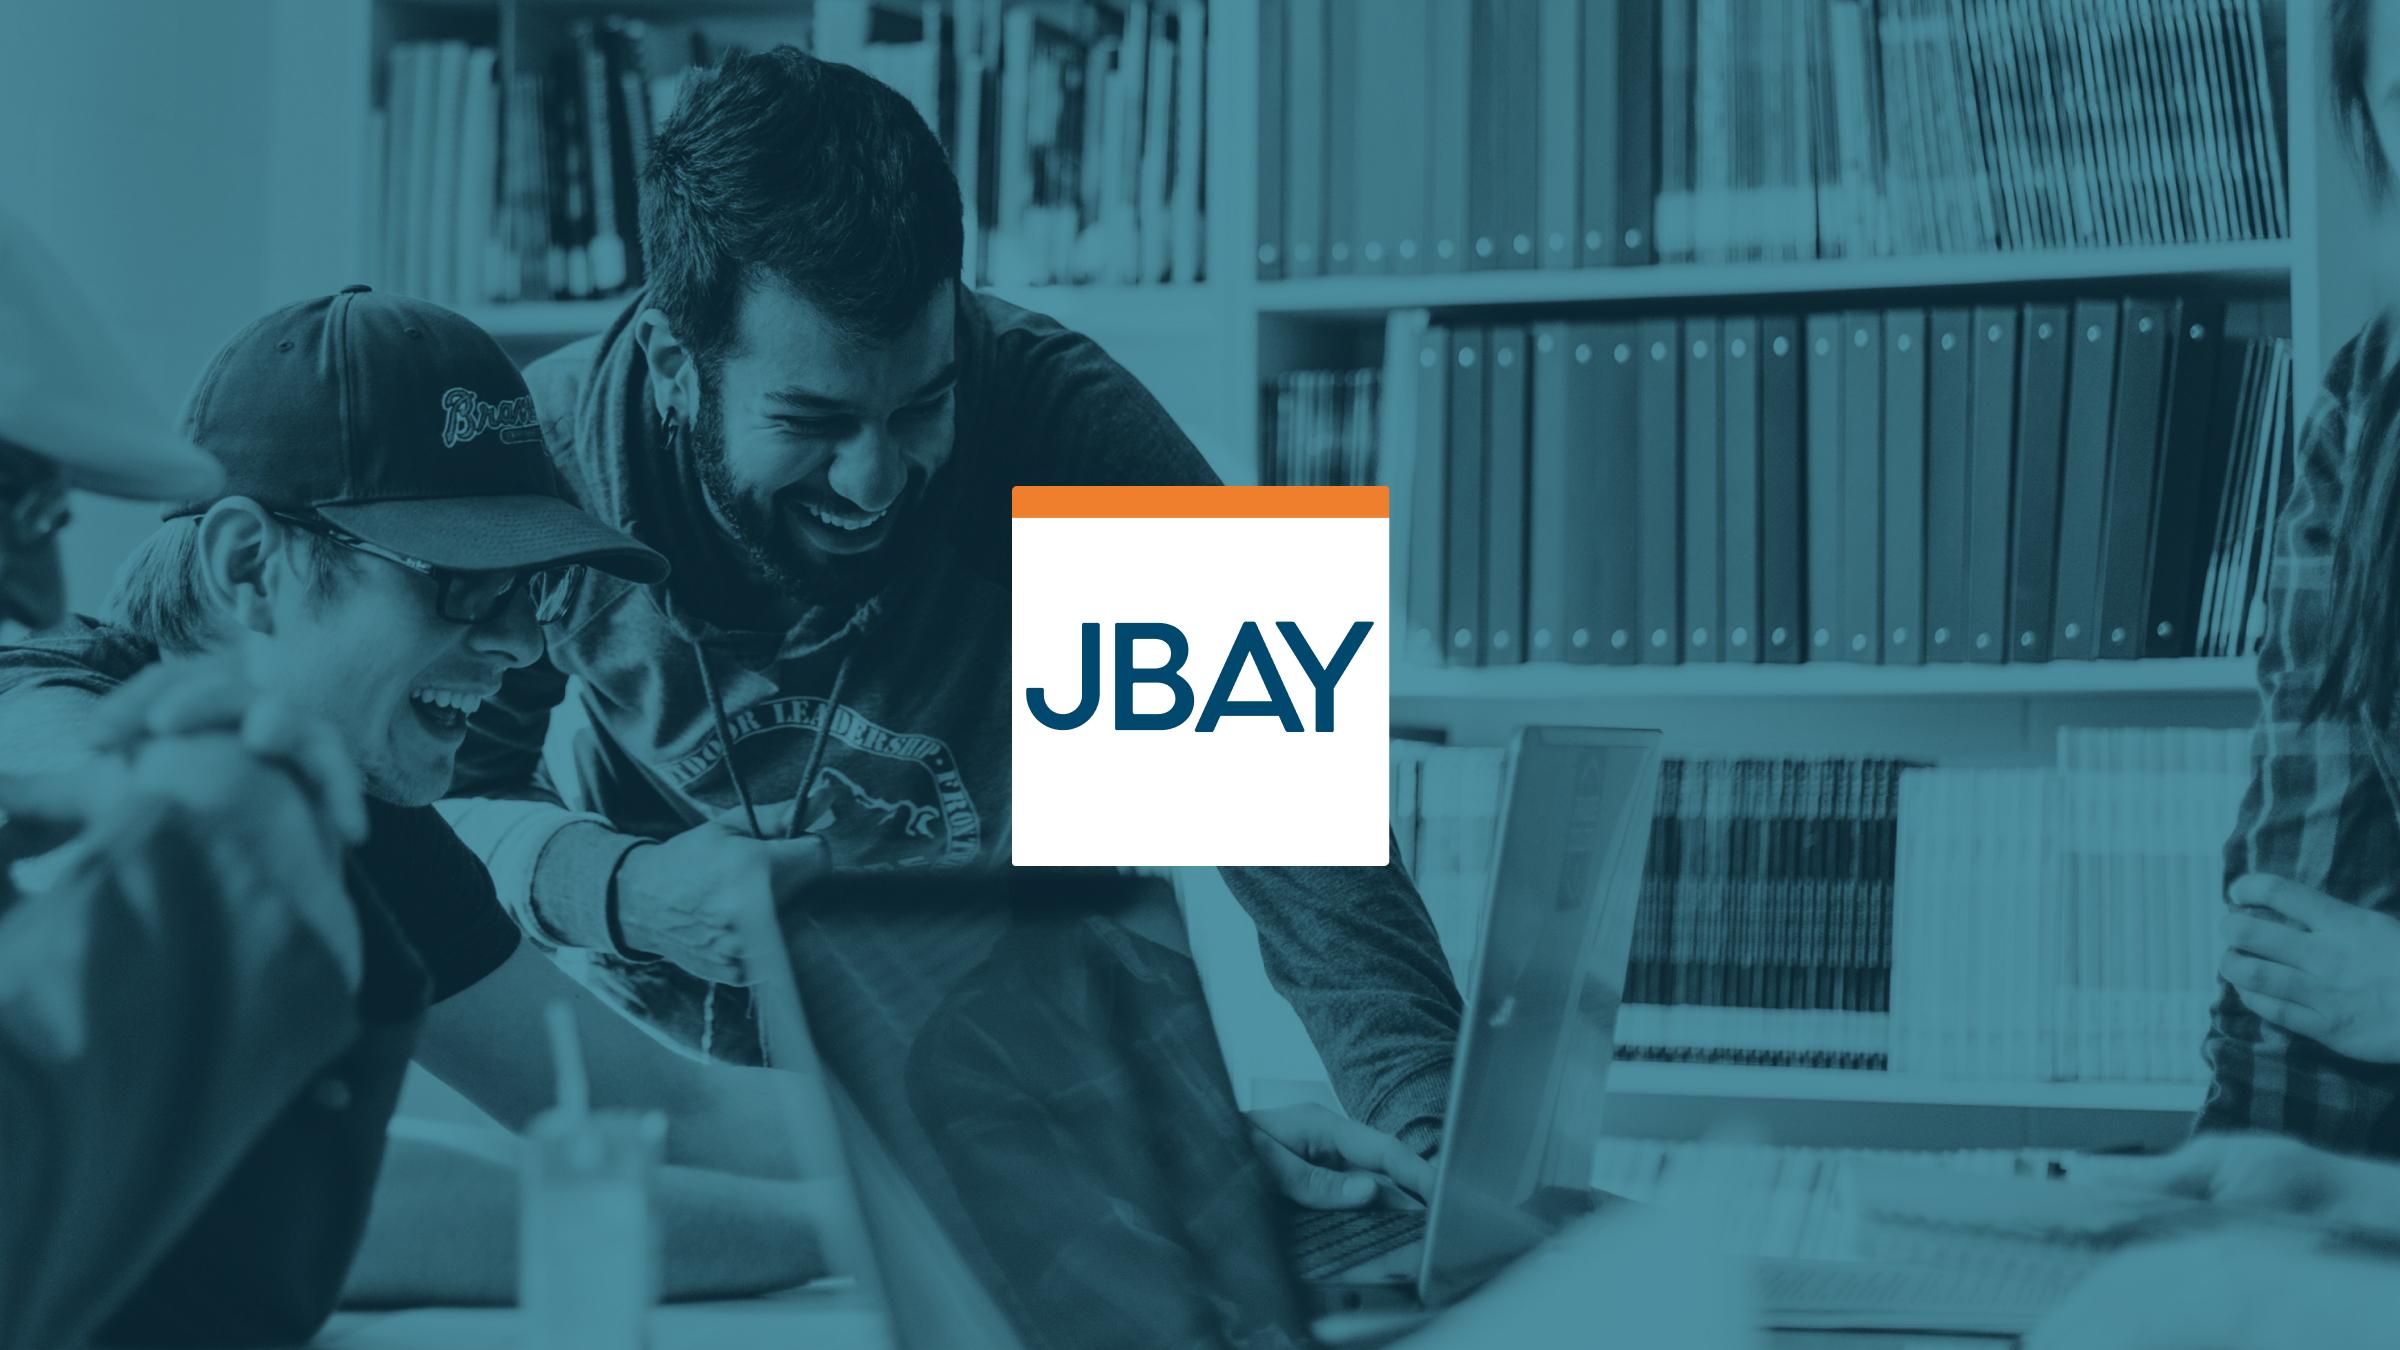 JBAY stylescape